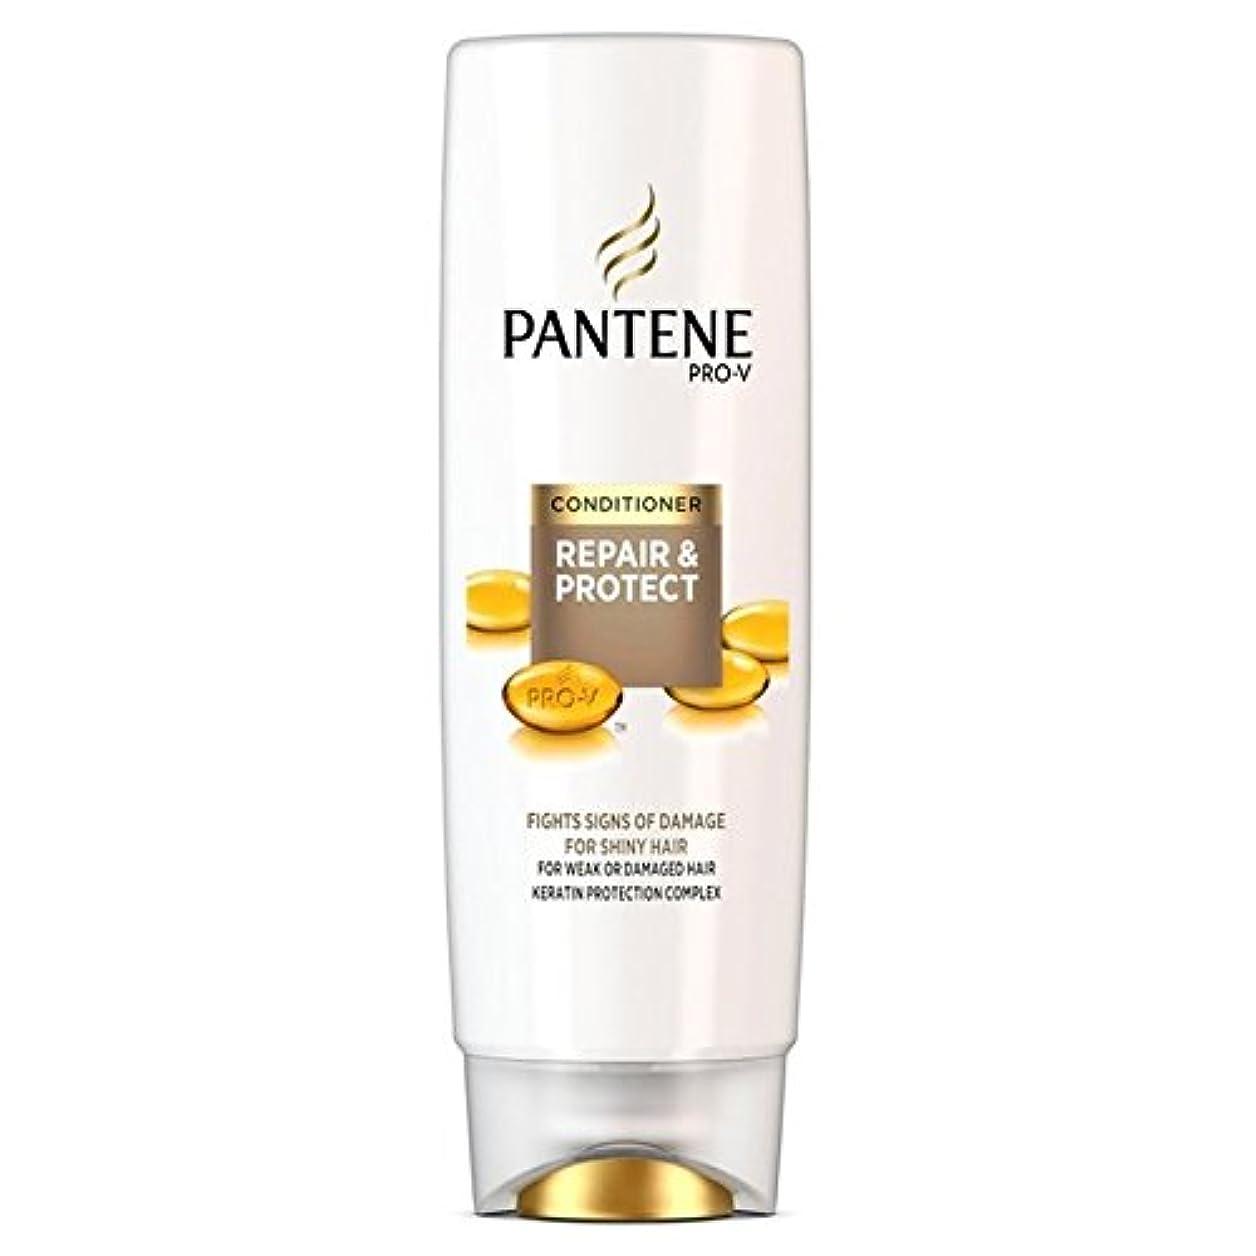 根絶する抜本的な罰パンテーンコンディショナーの修理&弱いか、傷んだ髪の250ミリリットルのための保護 x2 - Pantene Conditioner Repair & Protect For Weak Or Damaged Hair 250ml...